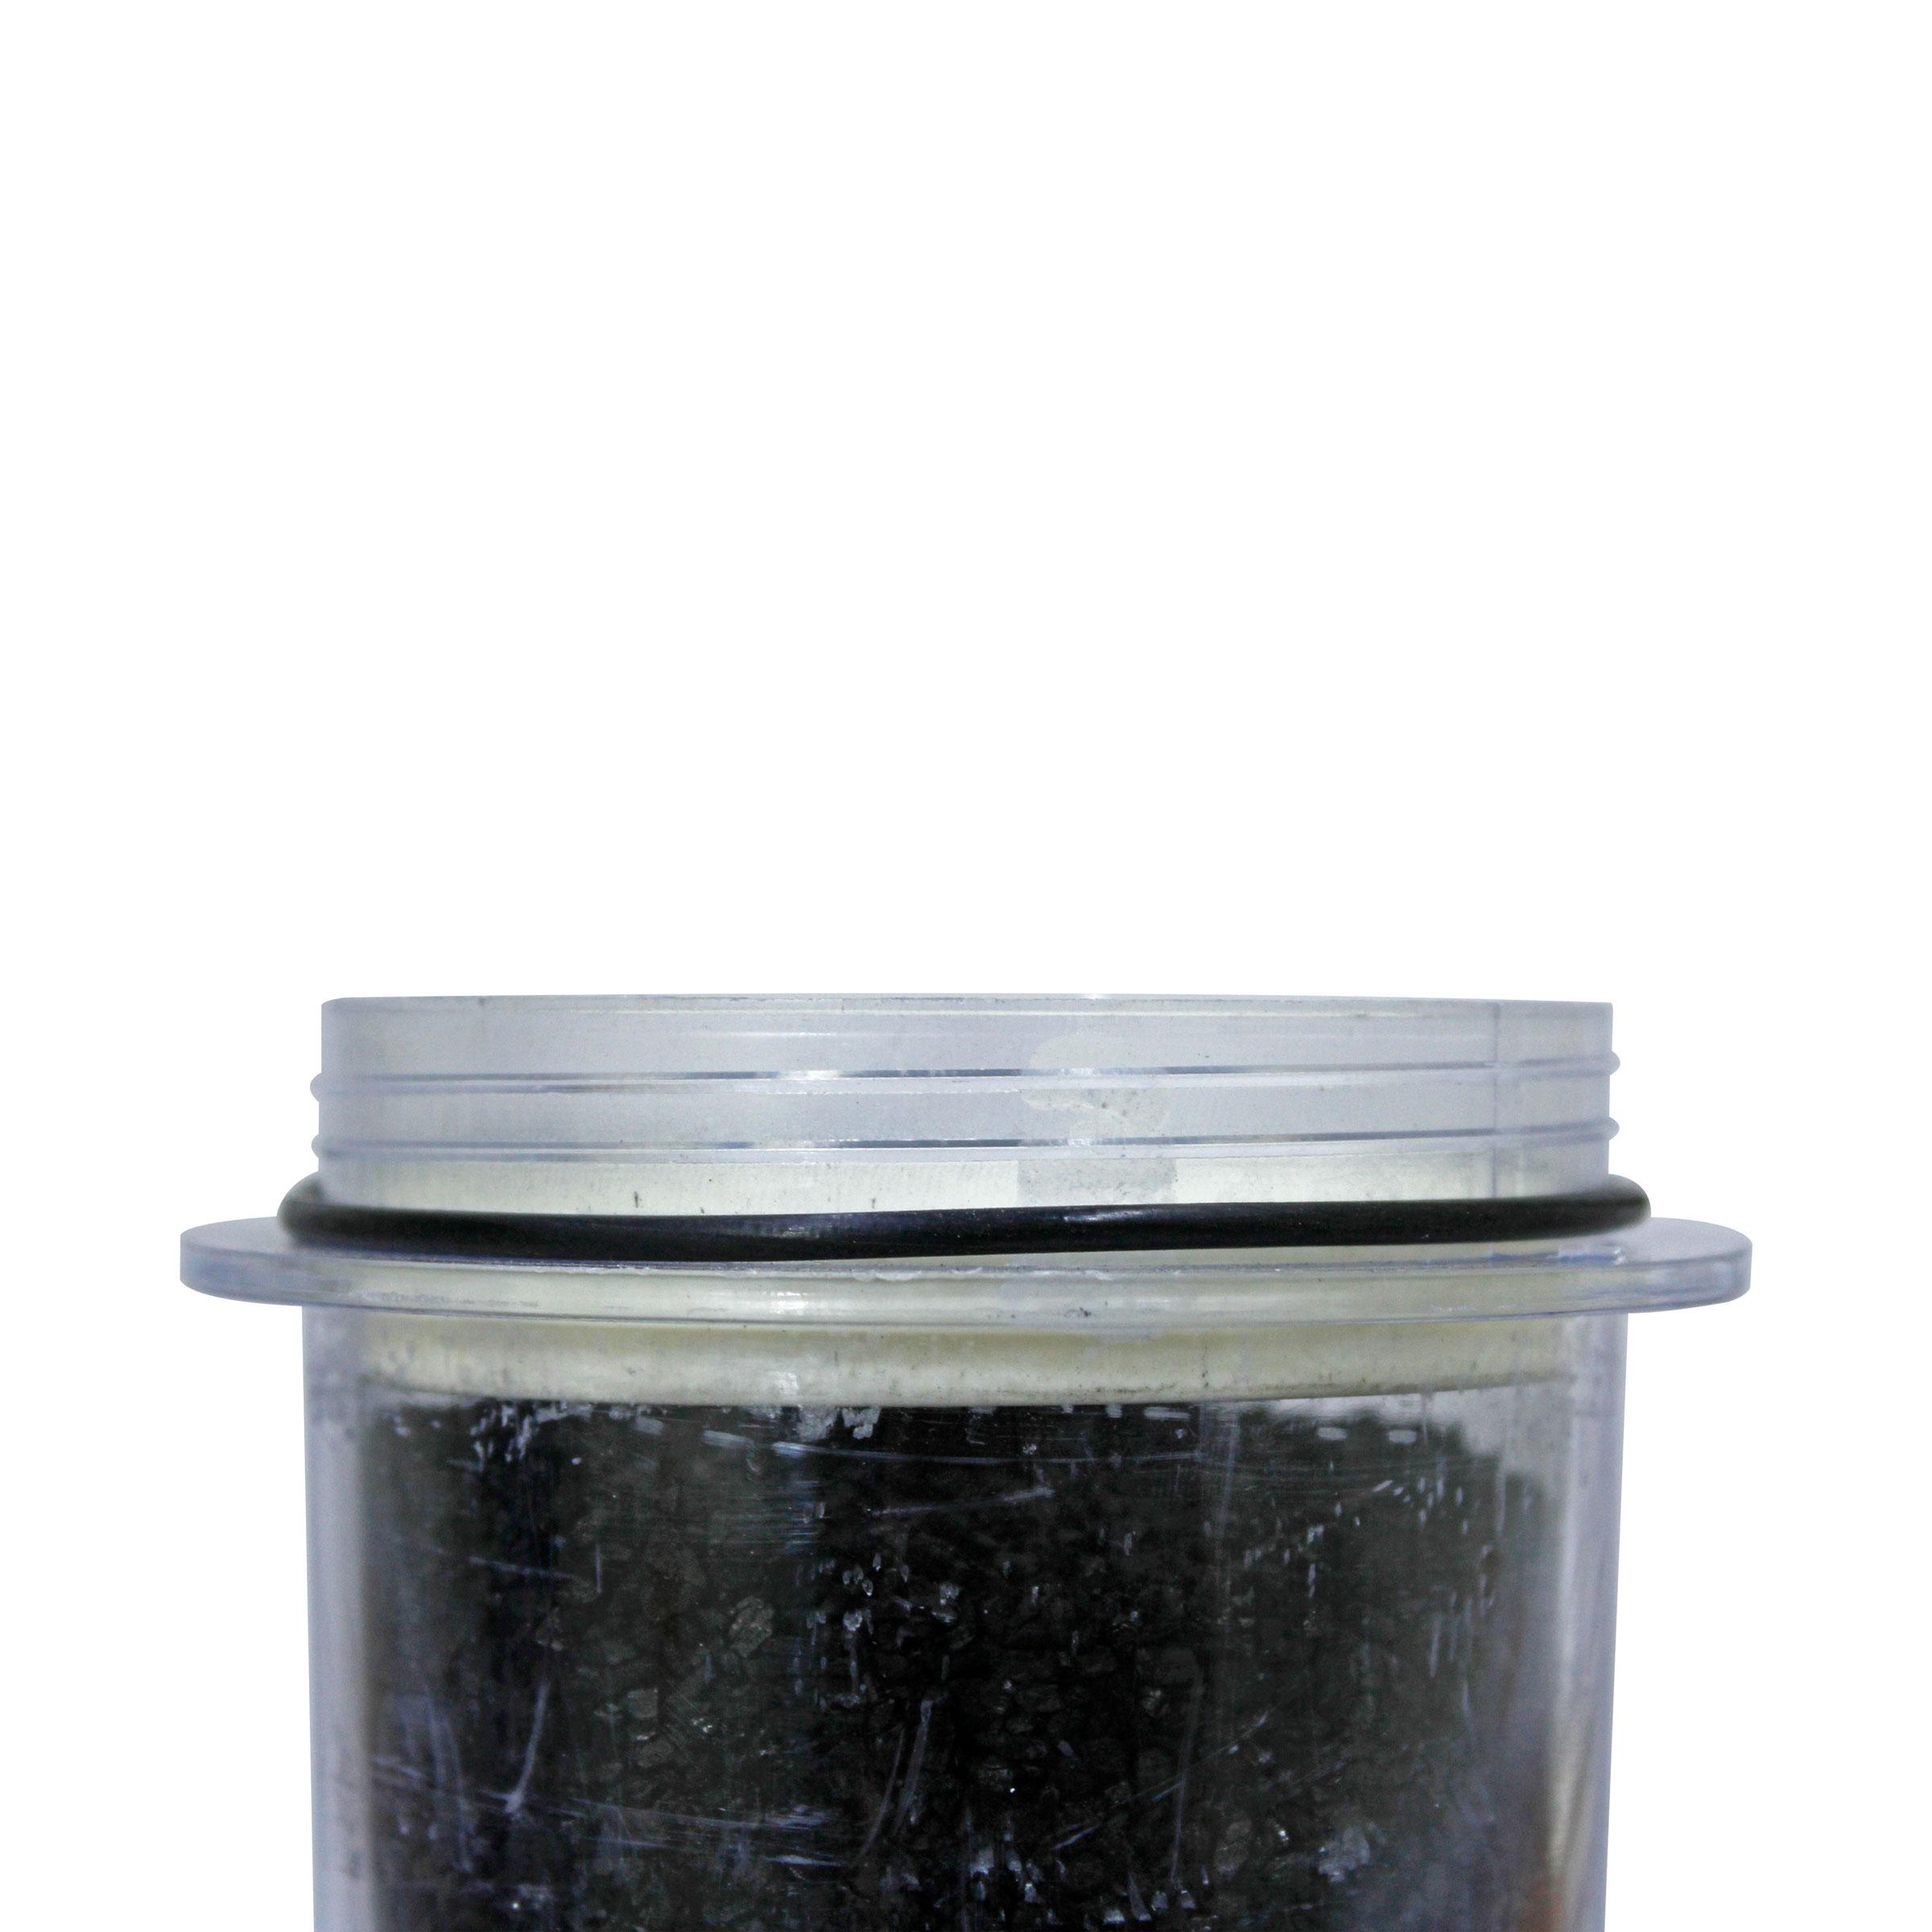 فیلتر تصفیه کننده آب مدل E50